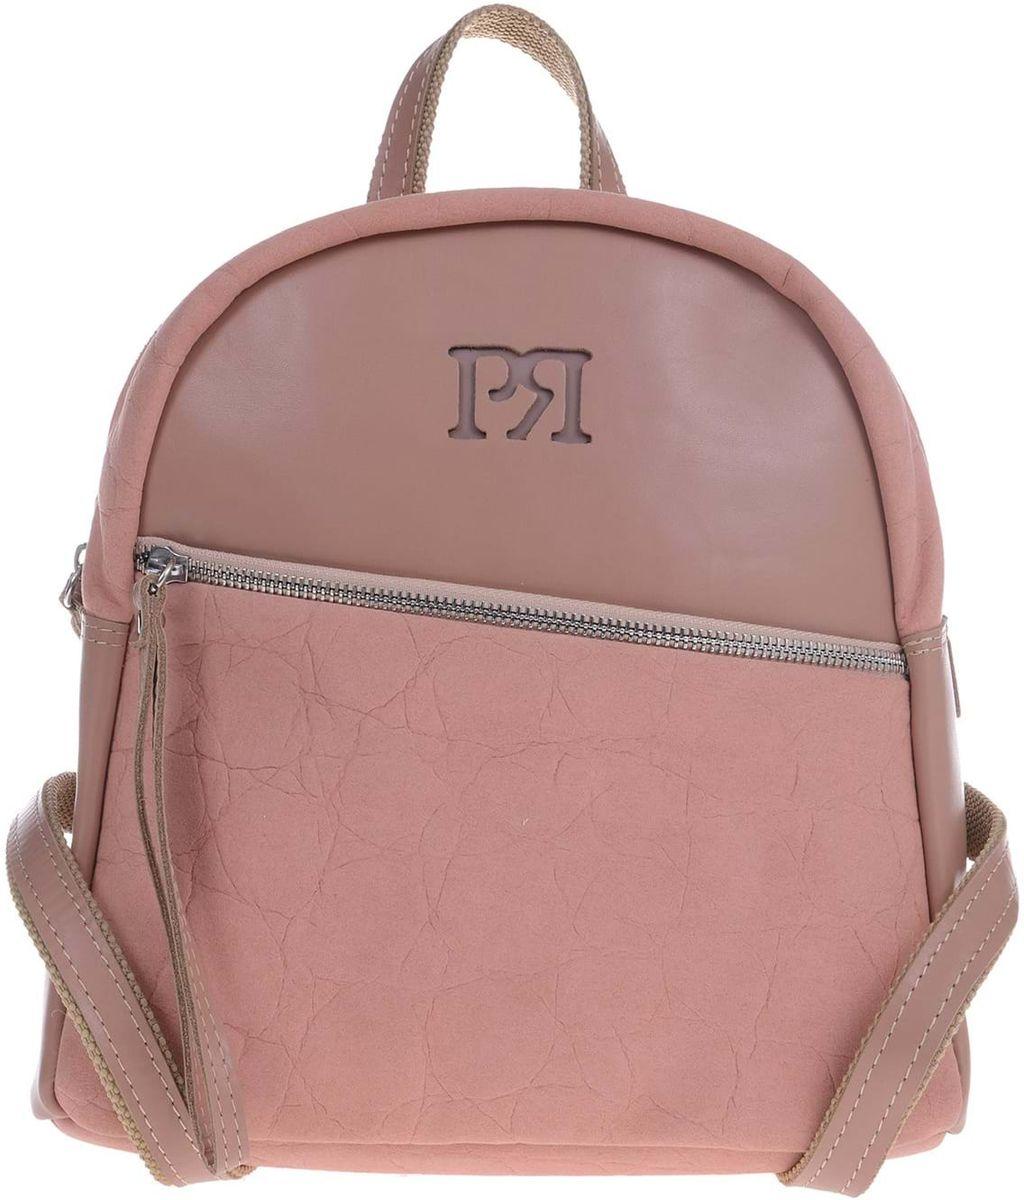 Γυναικείo σακίδιο πλάτης Pierro Accessories 90454KS-68 Σομον γυναικείες τσάντες   τσάντες πλάτης